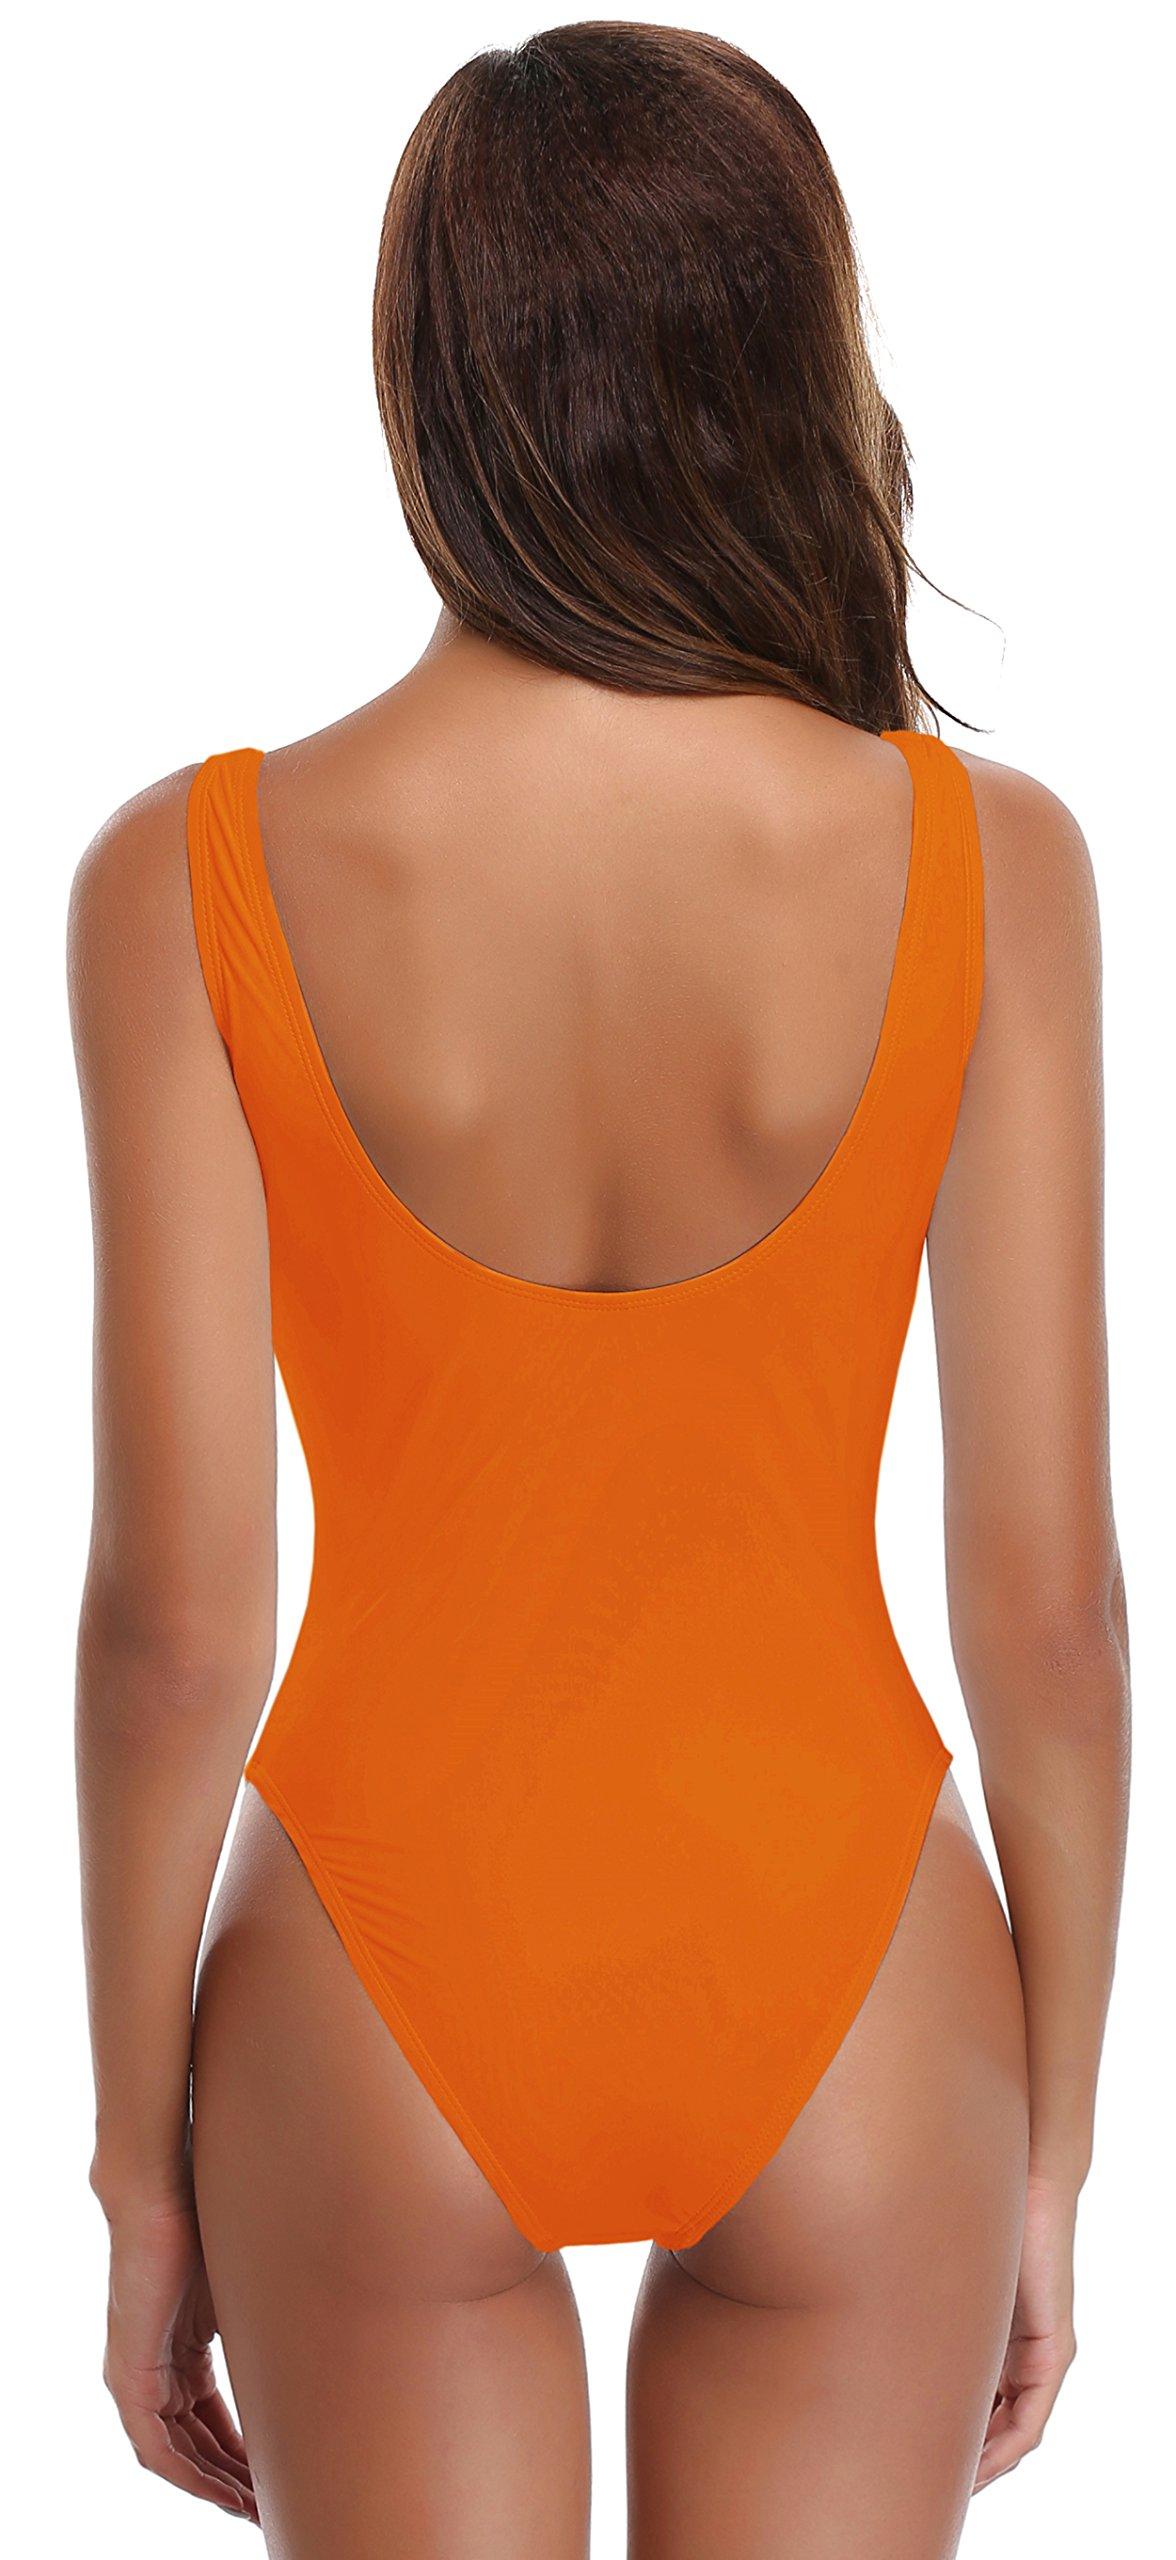 SHEKINI Donna Halter Sexy Un Pezzo Costume da Bagno Bikini Costumi Interi Back Criss Cross Side Straps Bandage… 2 spesavip